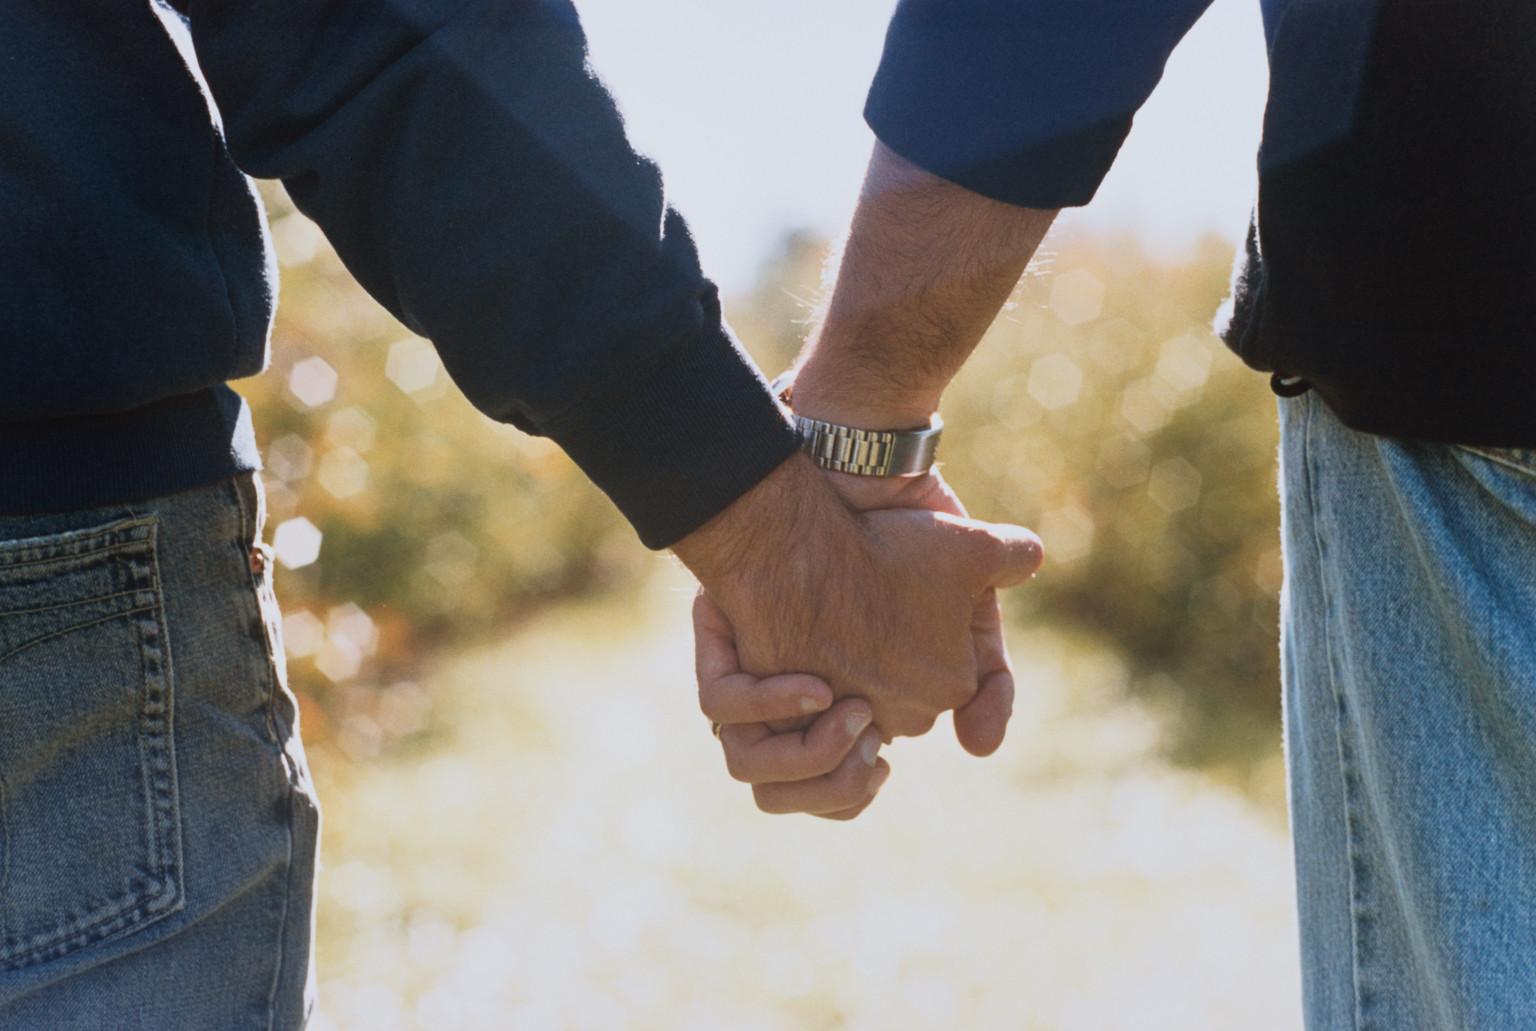 presbyterian pca gay clergy vote 2009